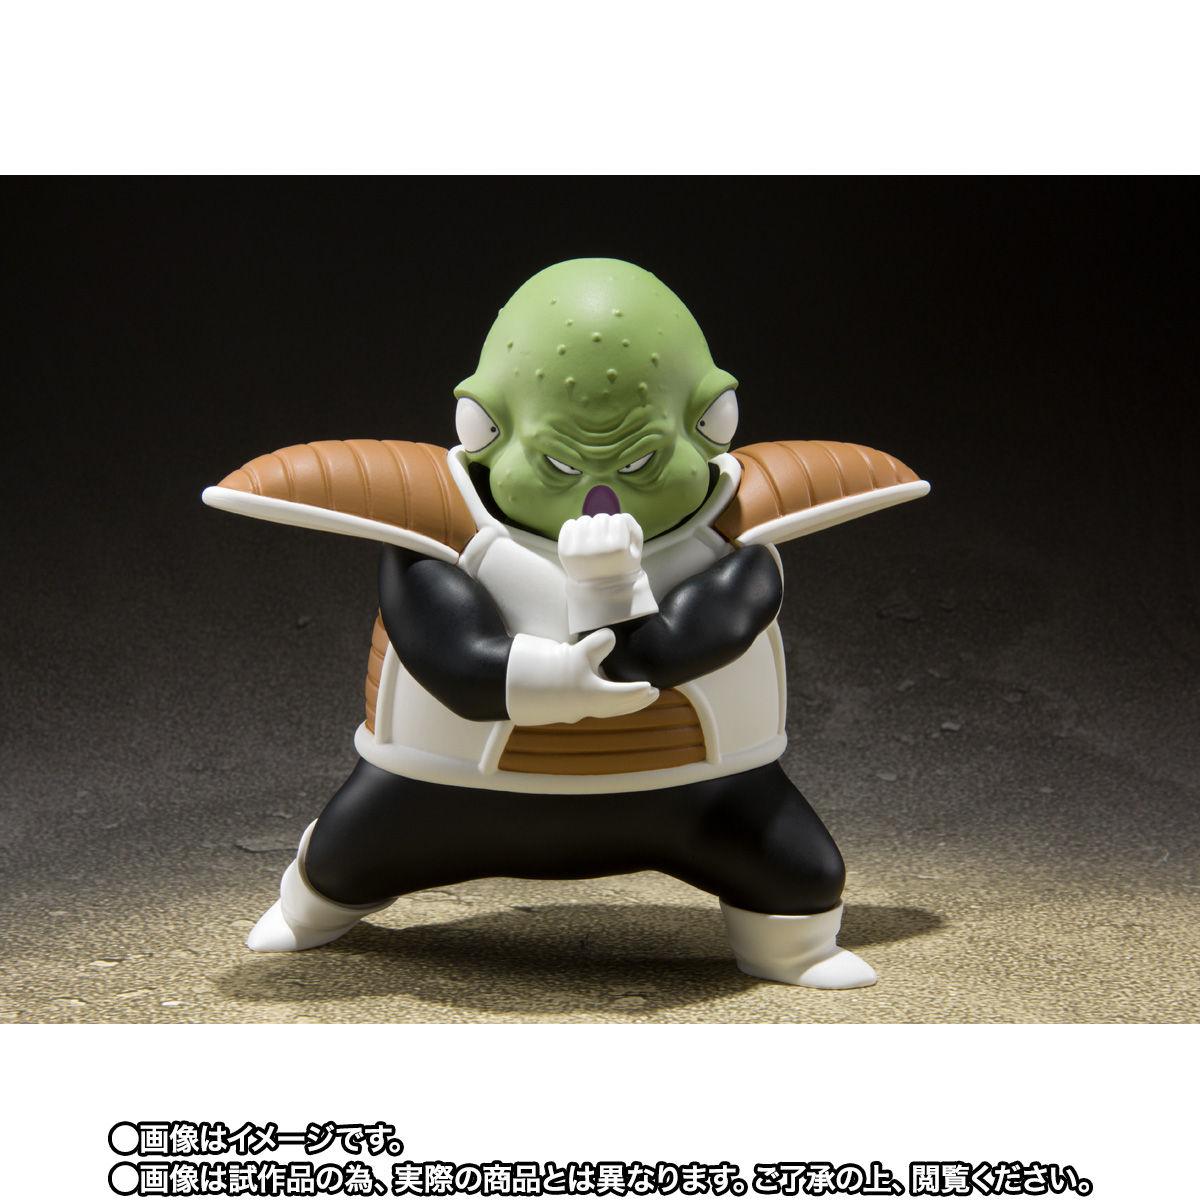 【限定販売】S.H.Figuarts『バータ&グルド』ドラゴンボールZ 可動フィギュア-007